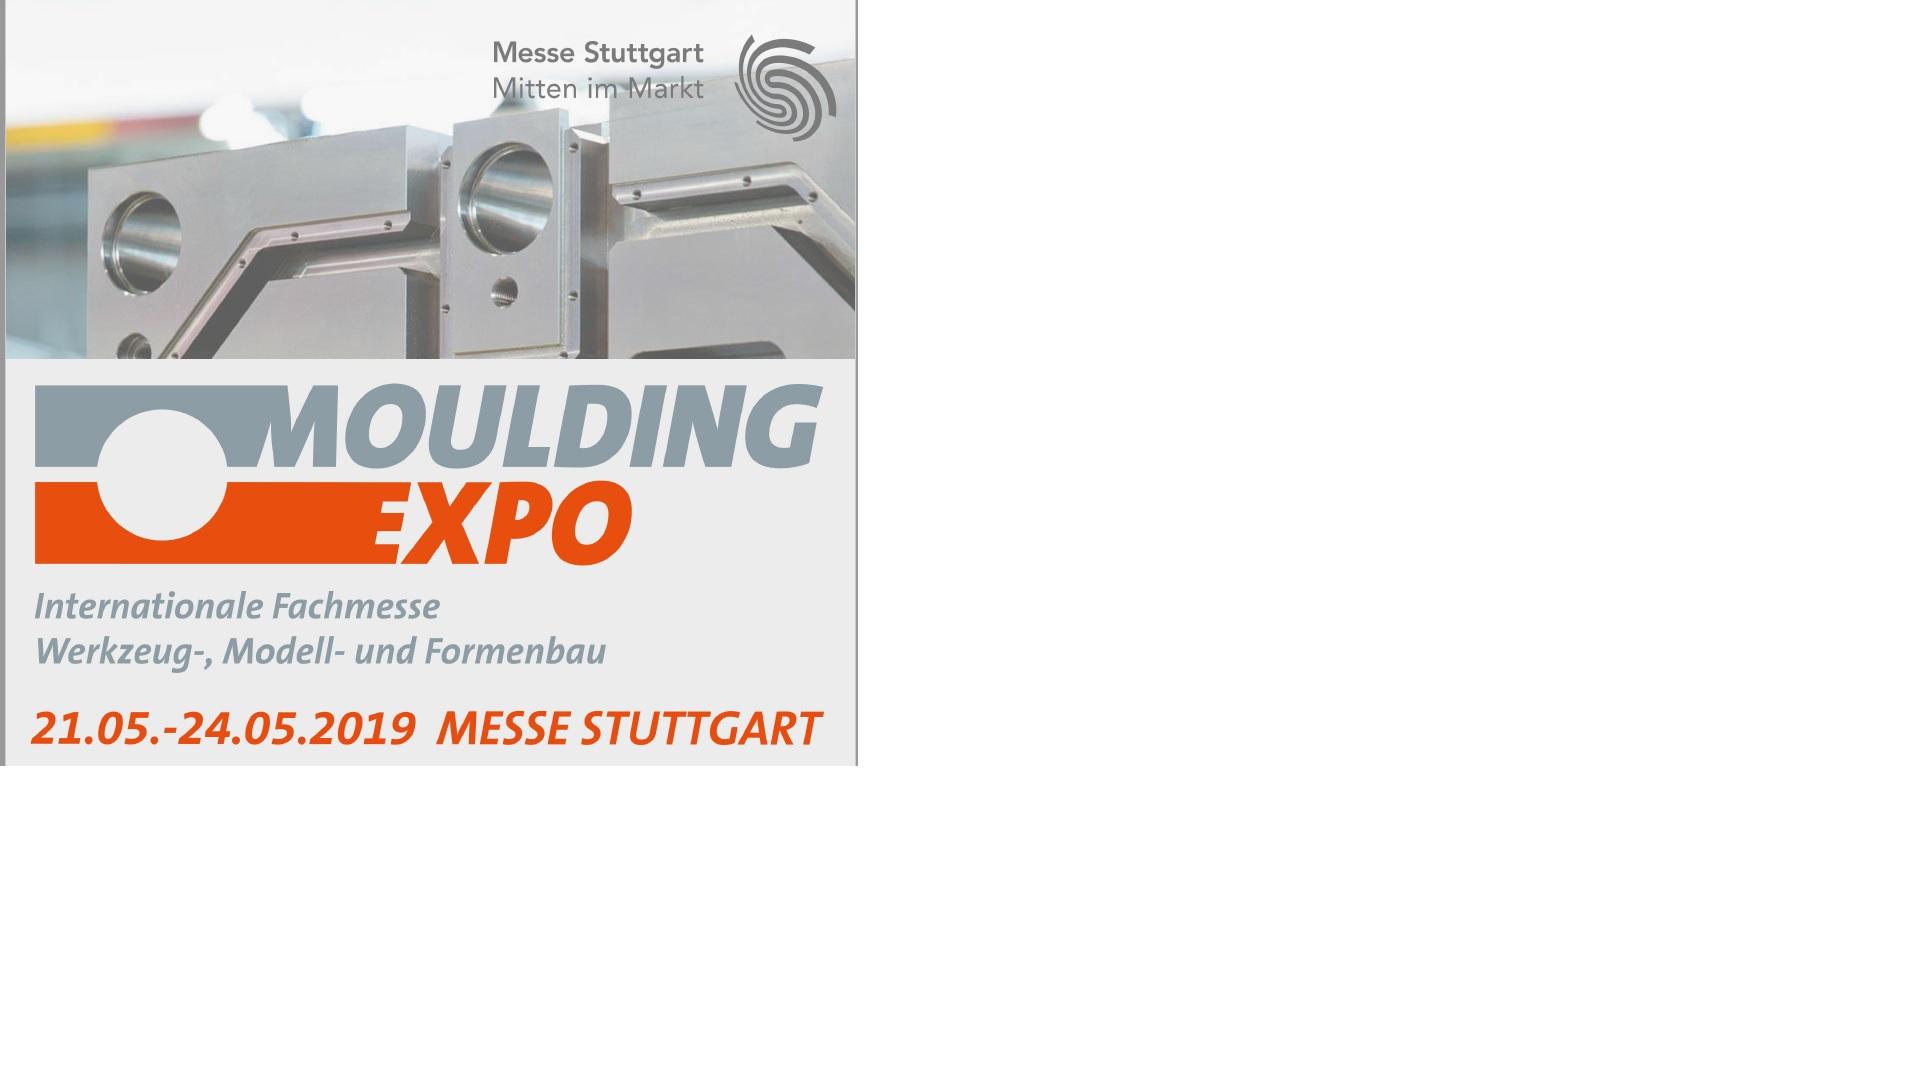 Moulding Expo Stuttgart